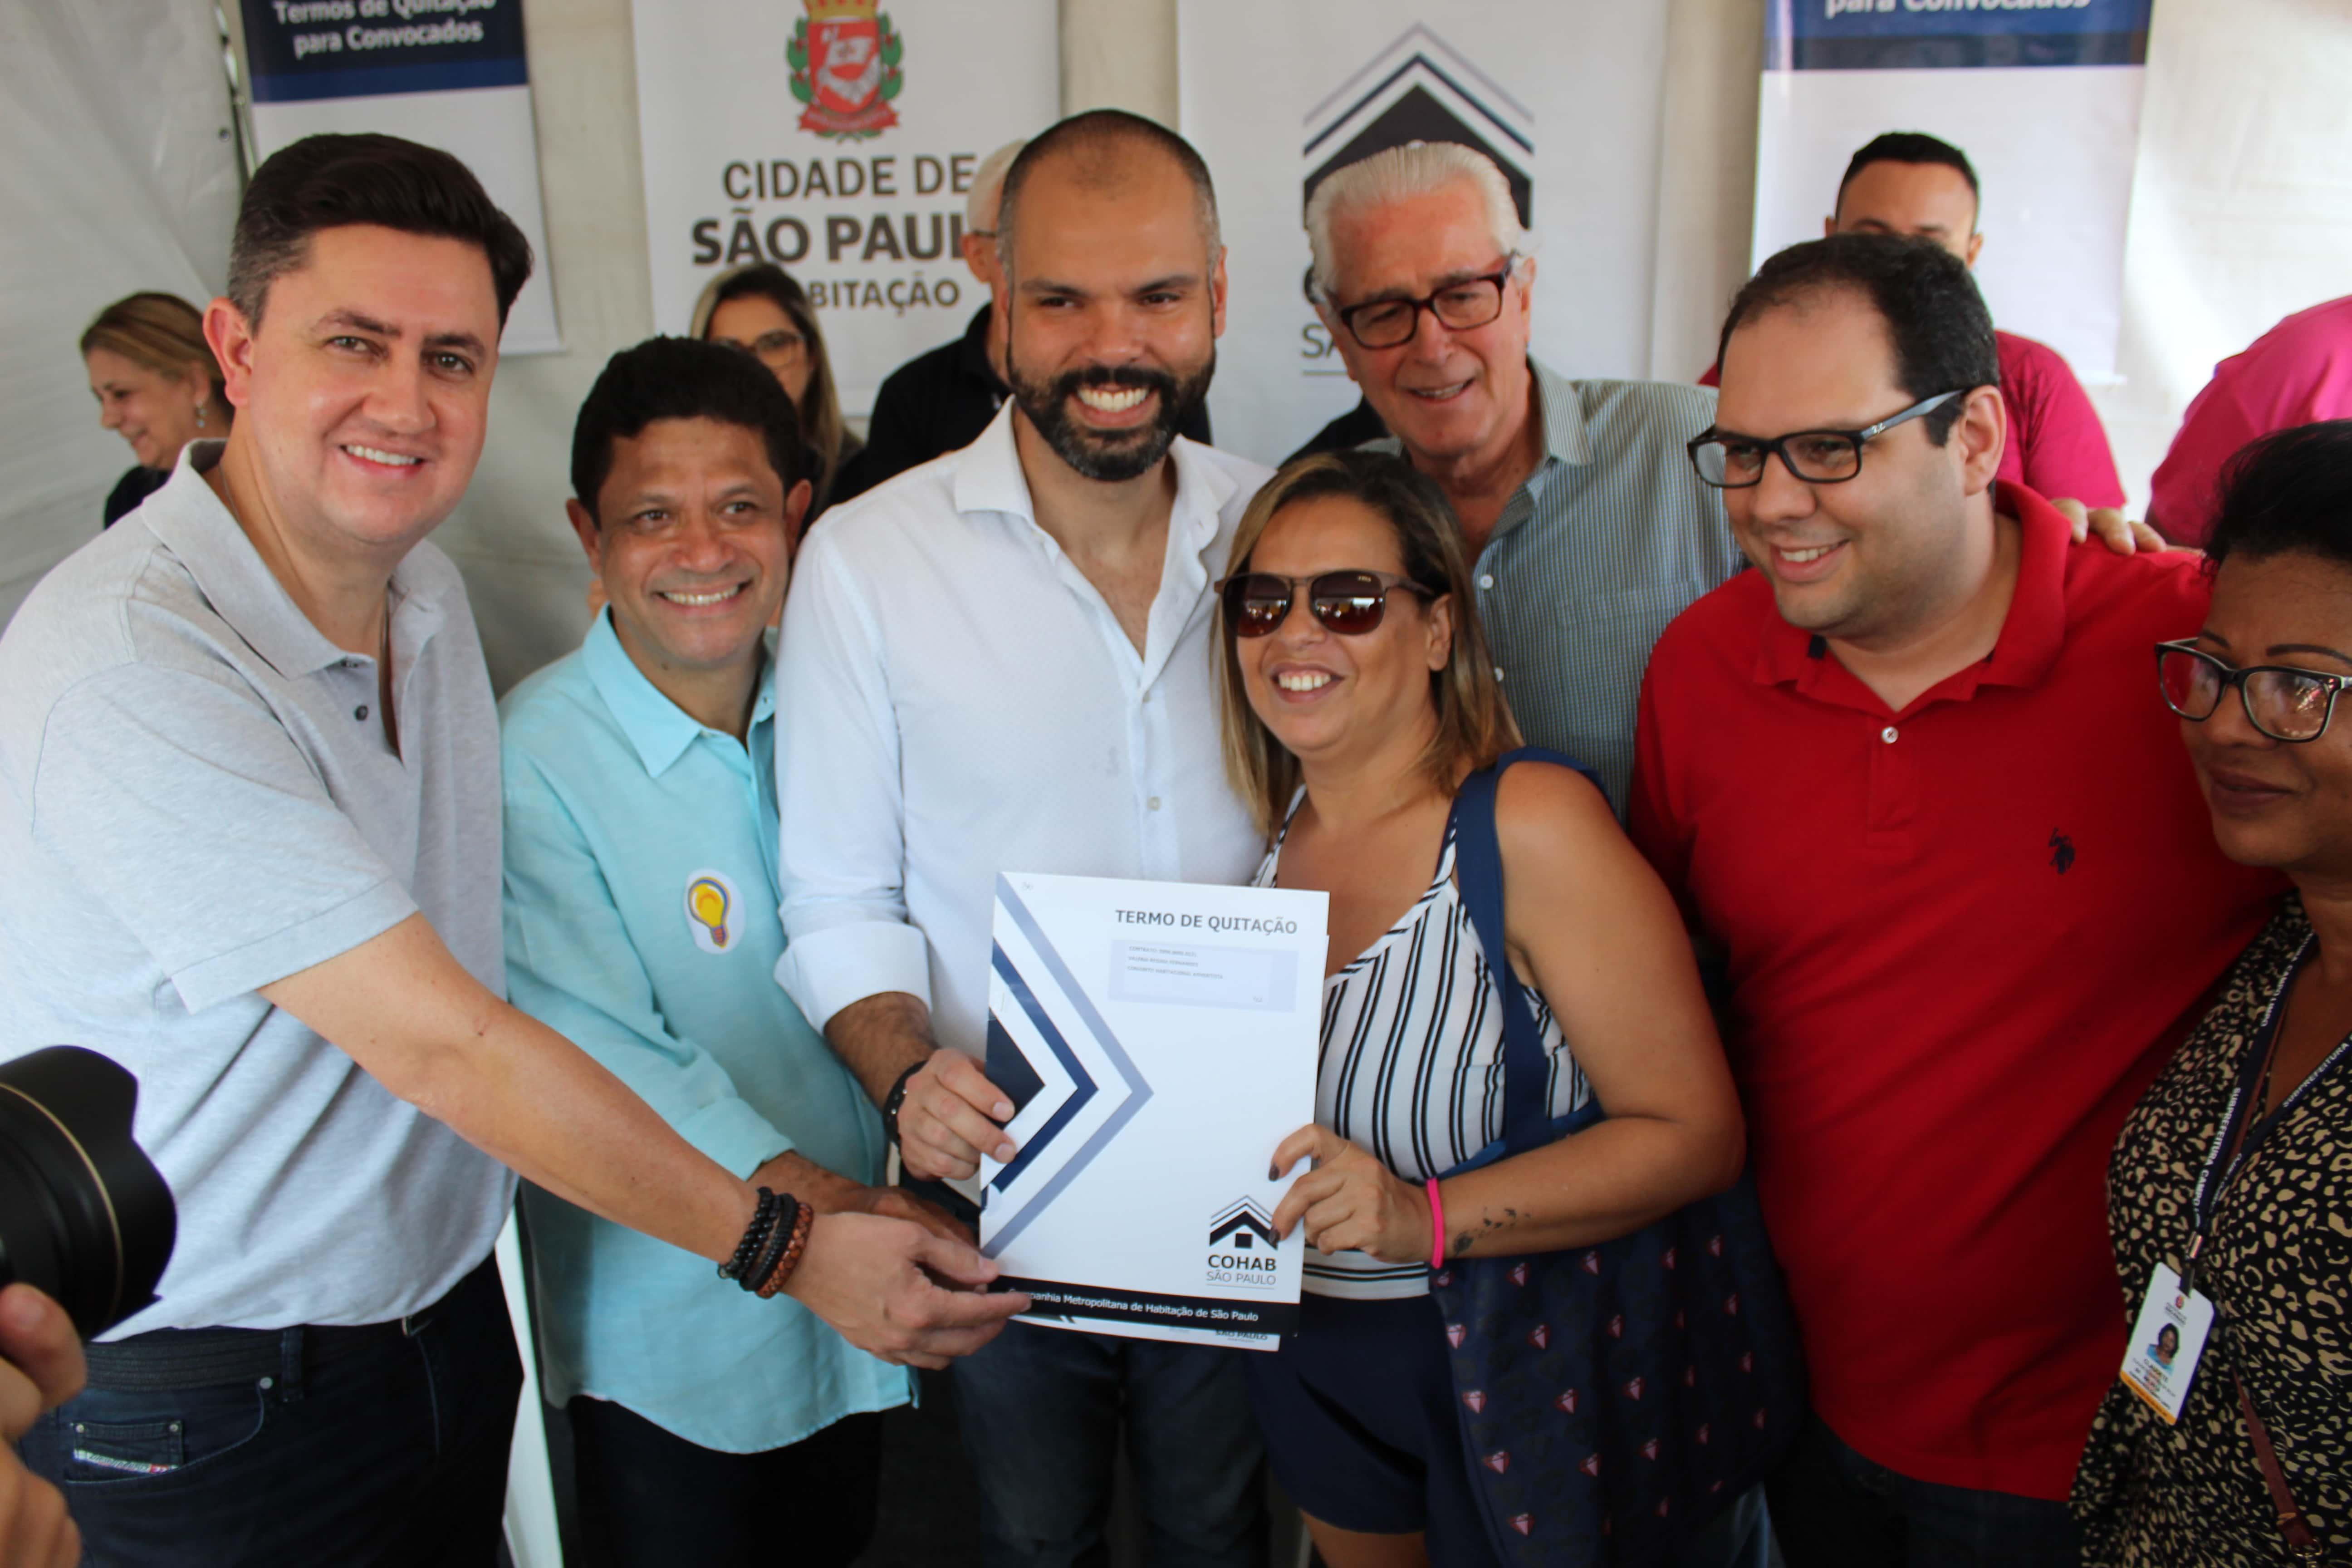 Na imagem está o prefeito de São Paulo Bruno Covas, o presidente da Cohab-SP Alexandro Peixe, e o secretário municipal de habitação Aloisio Pinheiro segurando o termo  de quitação entregue para mutuária.